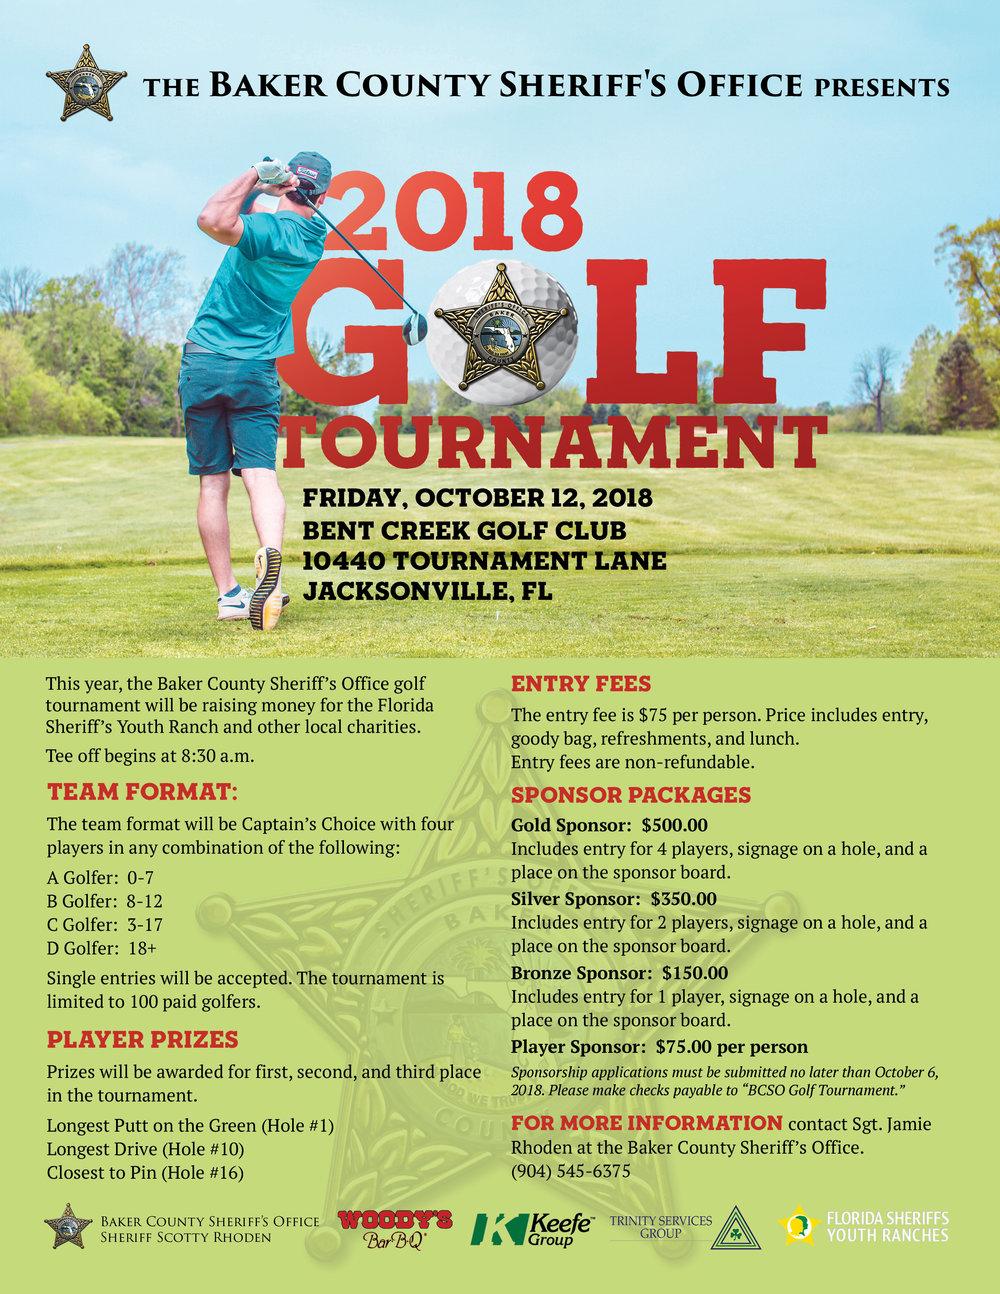 golf_tournament_flyer2018.jpg